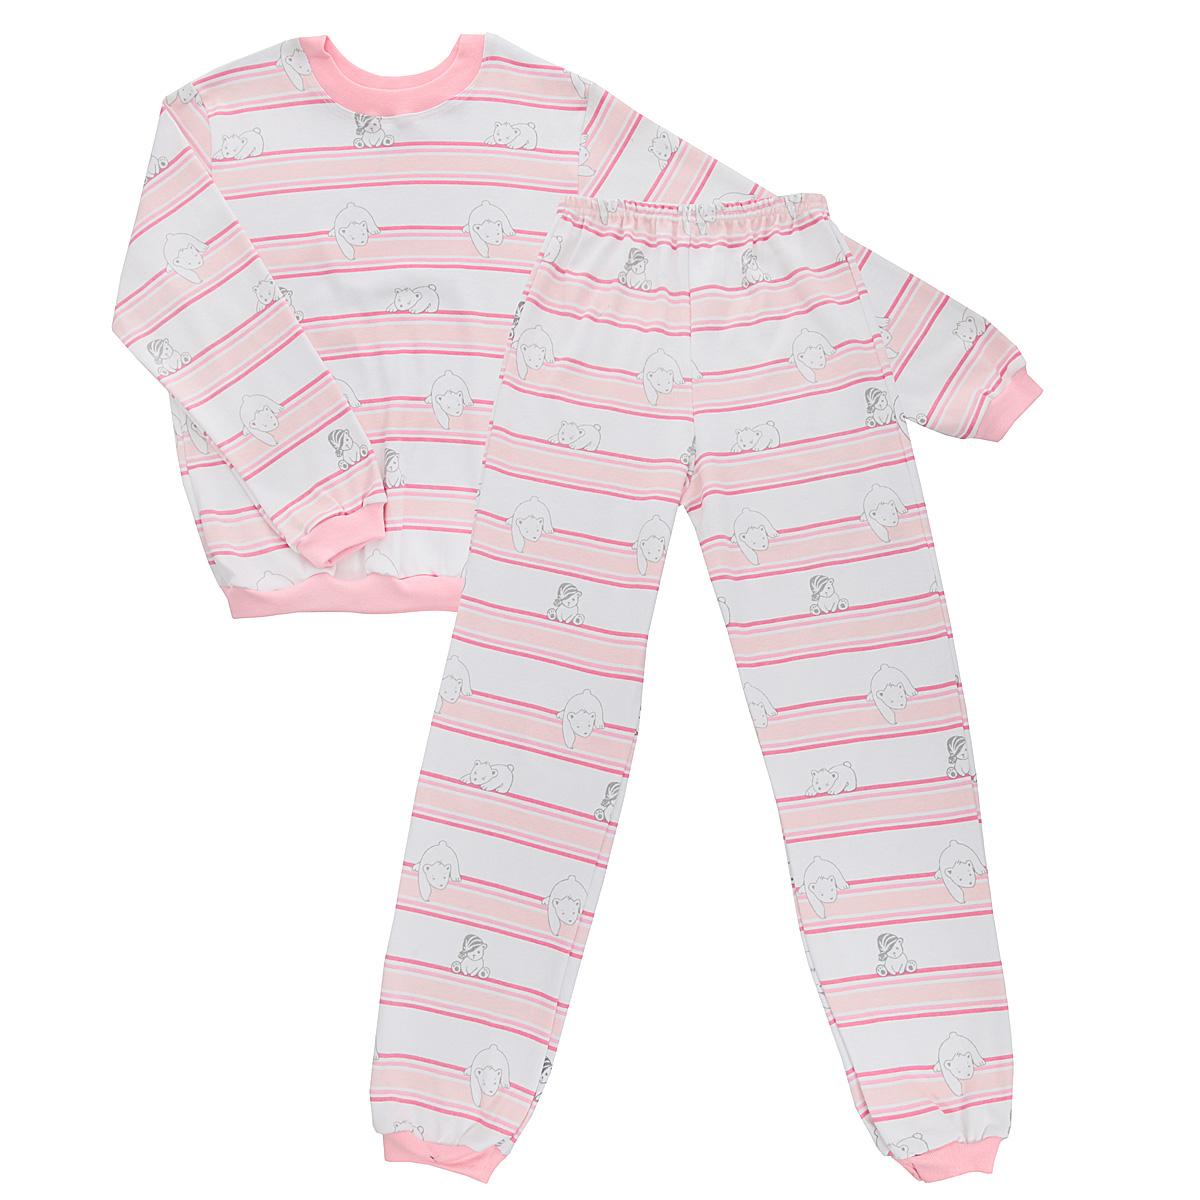 5555_мишкаУютная детская пижама Трон-плюс, состоящая из джемпера и брюк, идеально подойдет вашему ребенку и станет отличным дополнением к детскому гардеробу. Изготовленная из интерлока, она необычайно мягкая и легкая, не сковывает движения, позволяет коже дышать и не раздражает даже самую нежную и чувствительную кожу ребенка. Трикотажный джемпер с длинными рукавами имеет круглый вырез горловины. Низ изделия, рукава и вырез горловины дополнены эластичной трикотажной резинкой контрастного цвета. Брюки на талии имеют эластичную резинку, благодаря чему не сдавливают живот ребенка и не сползают. Низ брючин дополнен широкими эластичными манжетами контрастного цвета. Оформлено изделие оригинальным принтом с изображением белых мишек и цветных полос. В такой пижаме ваш ребенок будет чувствовать себя комфортно и уютно во время сна.